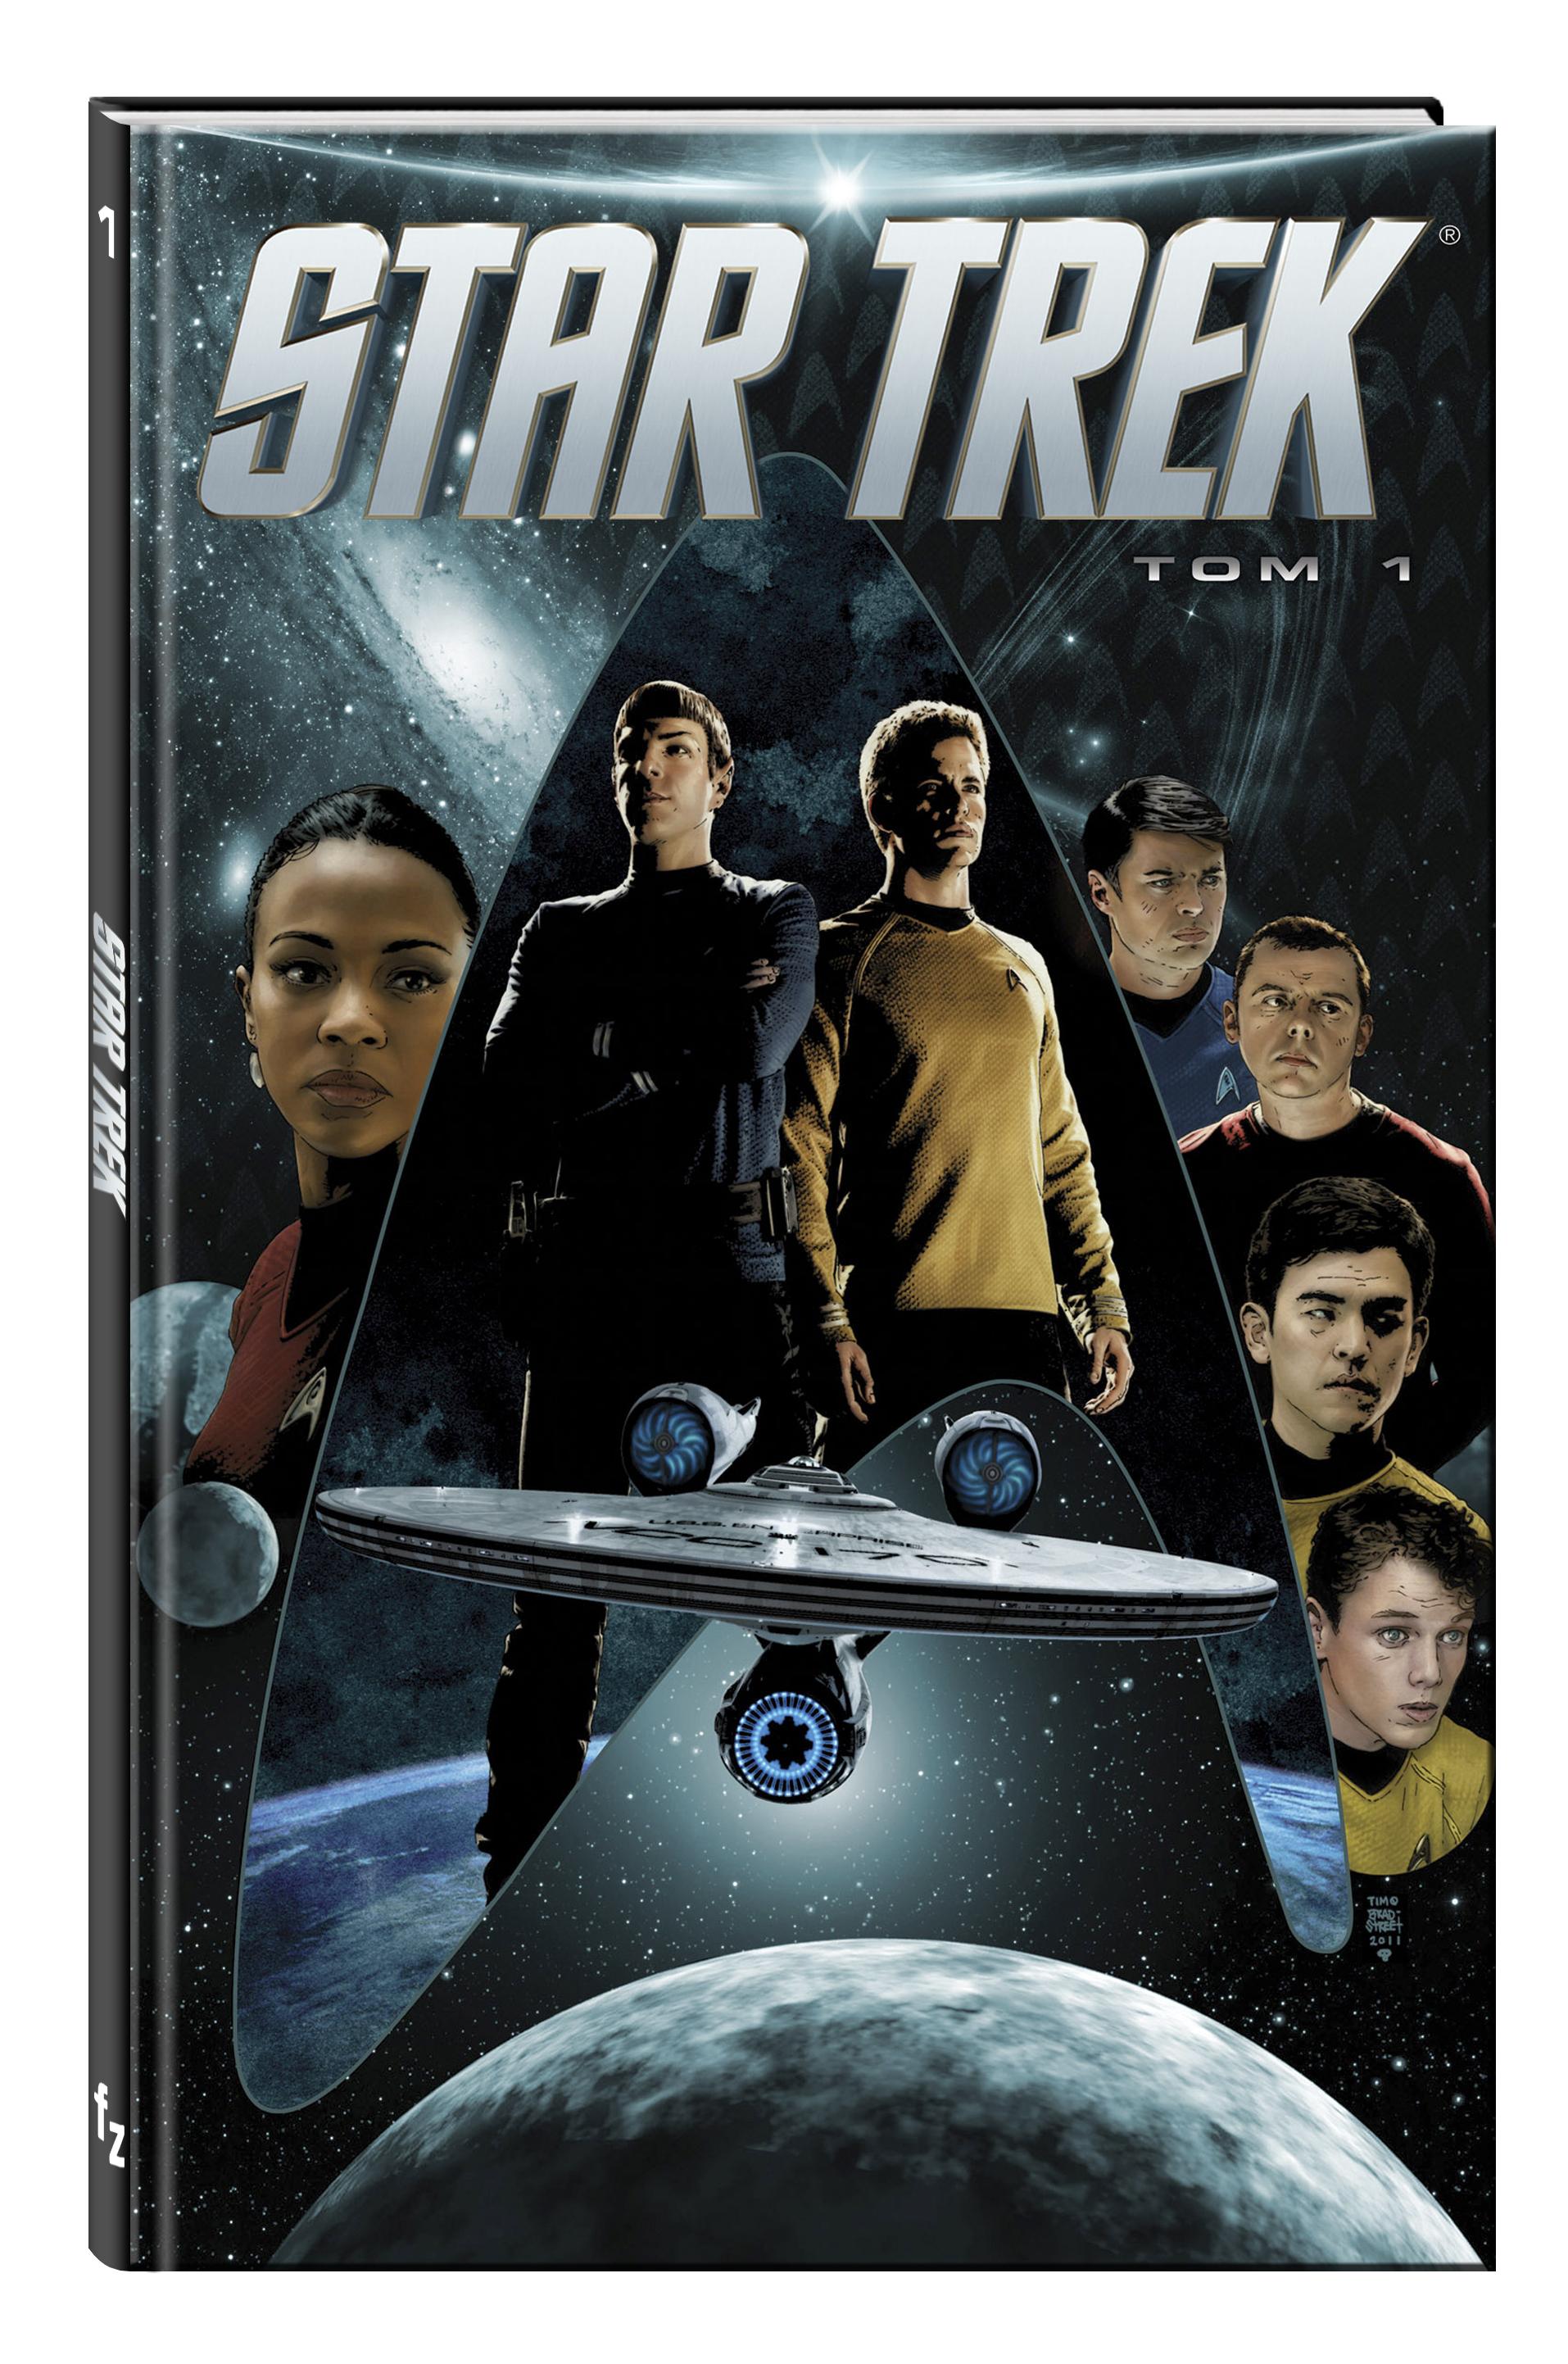 Джонсон М. Стартрек / Star Trek. Том 1 джонсон м star trek том 4